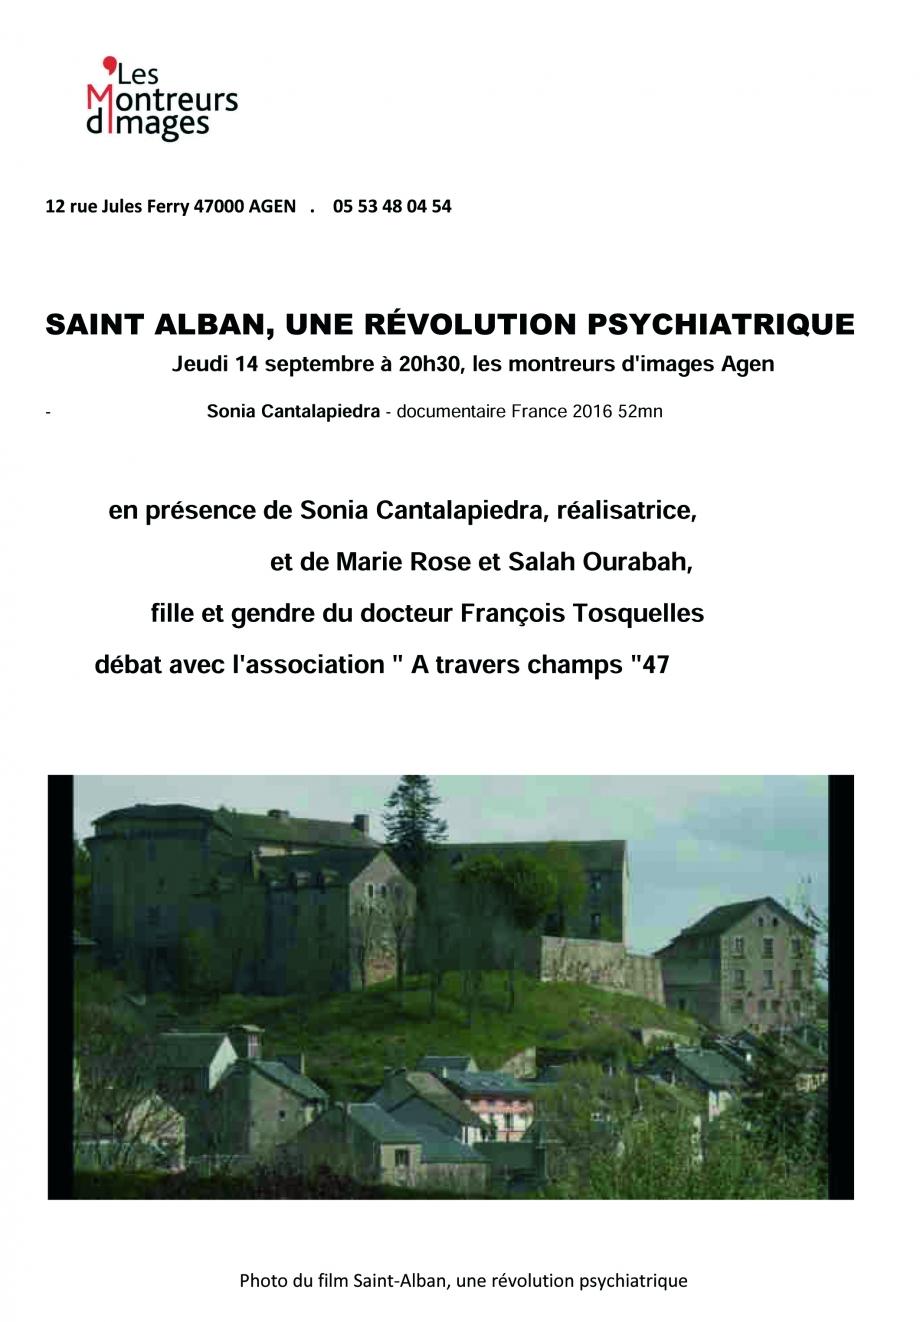 St Alban Une  révolution psychiatrique.jpg